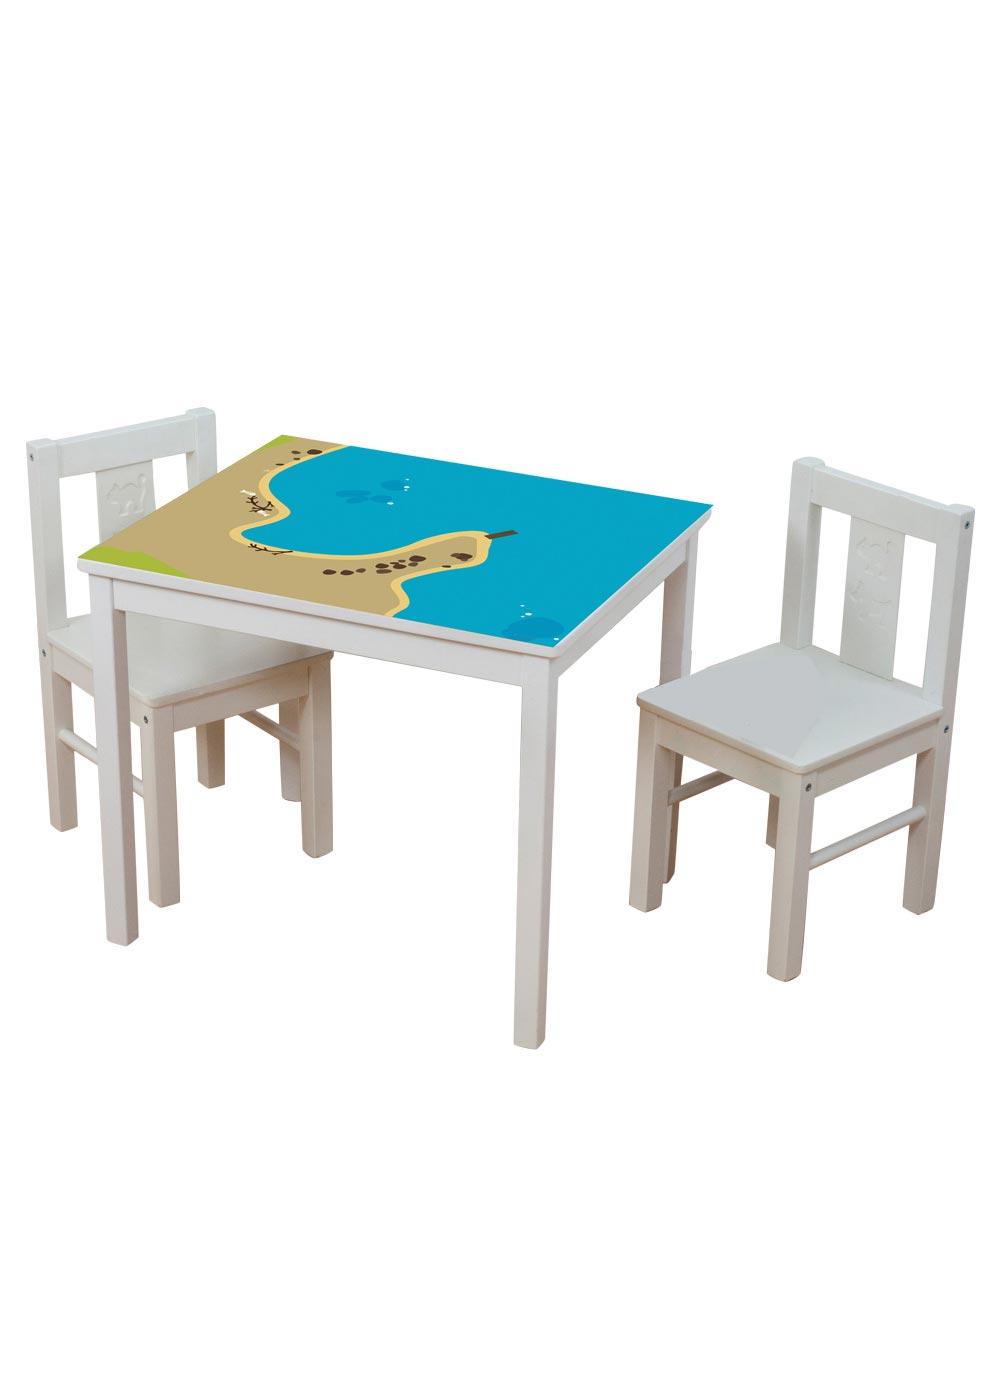 Ikea Kritter Kindertisch Wasserreich Gesamtansicht